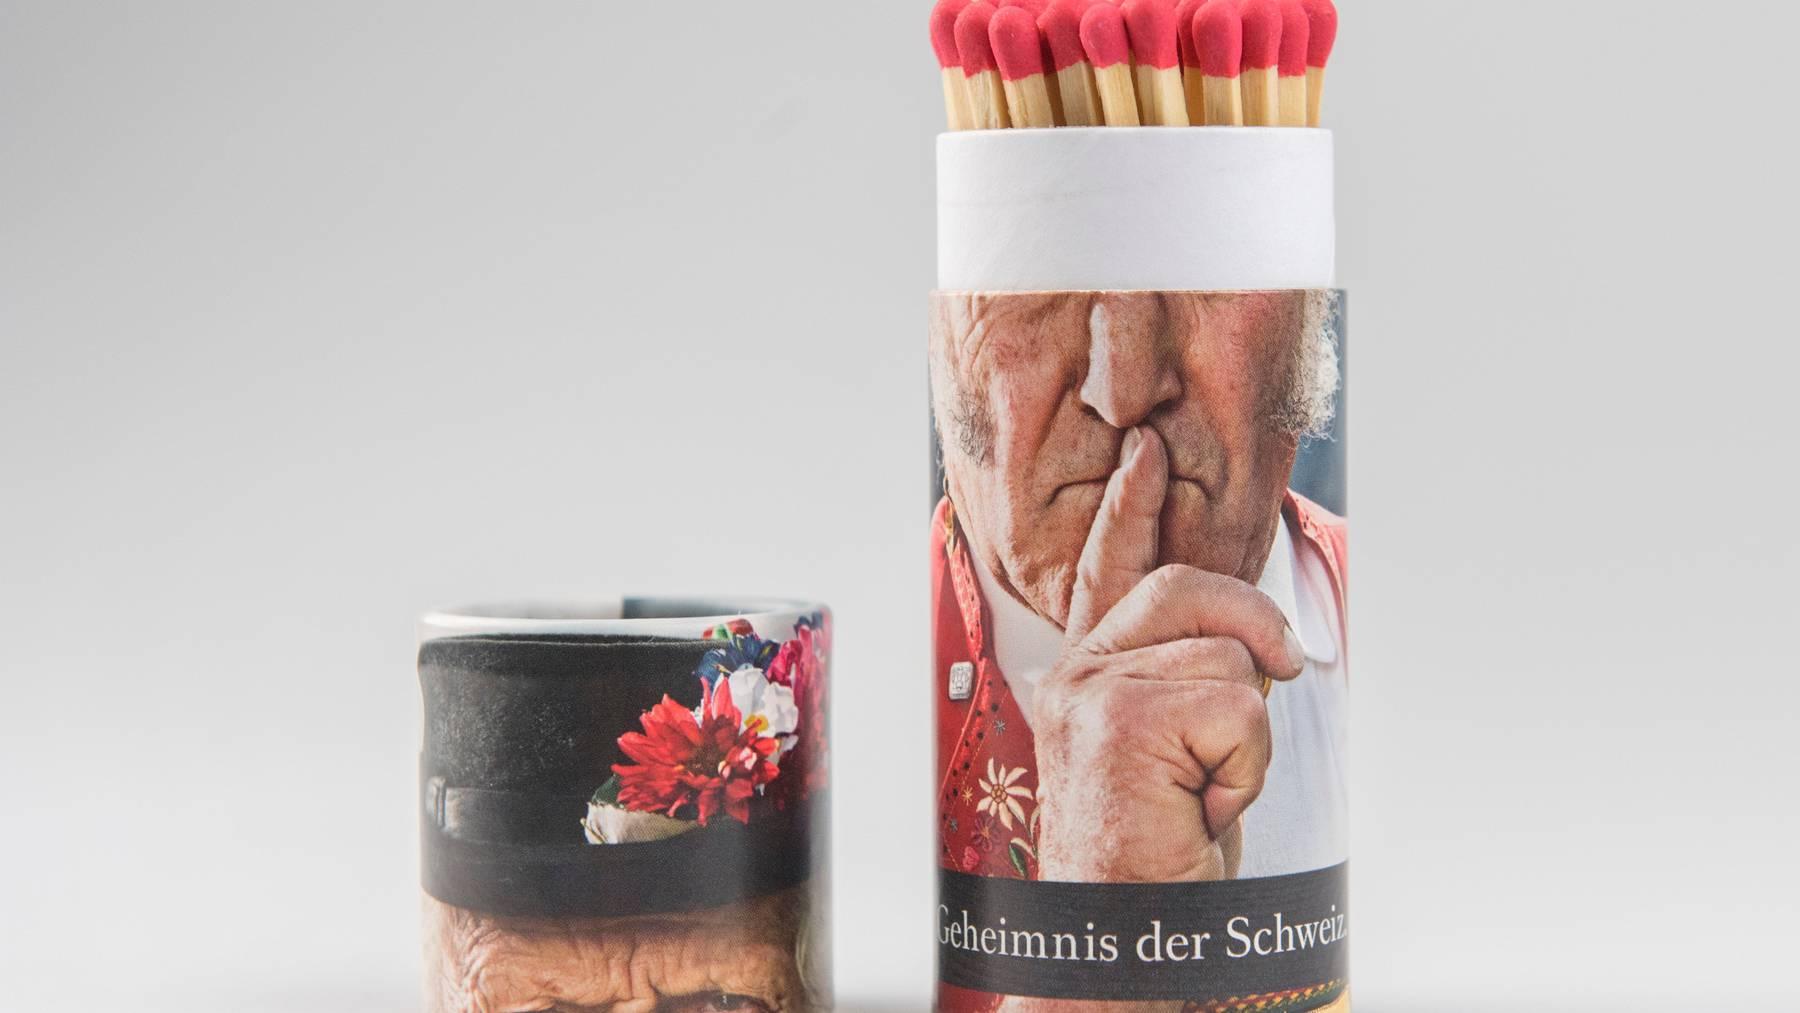 Herr und Frau Schweizer geht es ziemlich gut. Ausser sie müssen über ihre Gefühle sprechen, besagt eine neue Studie.